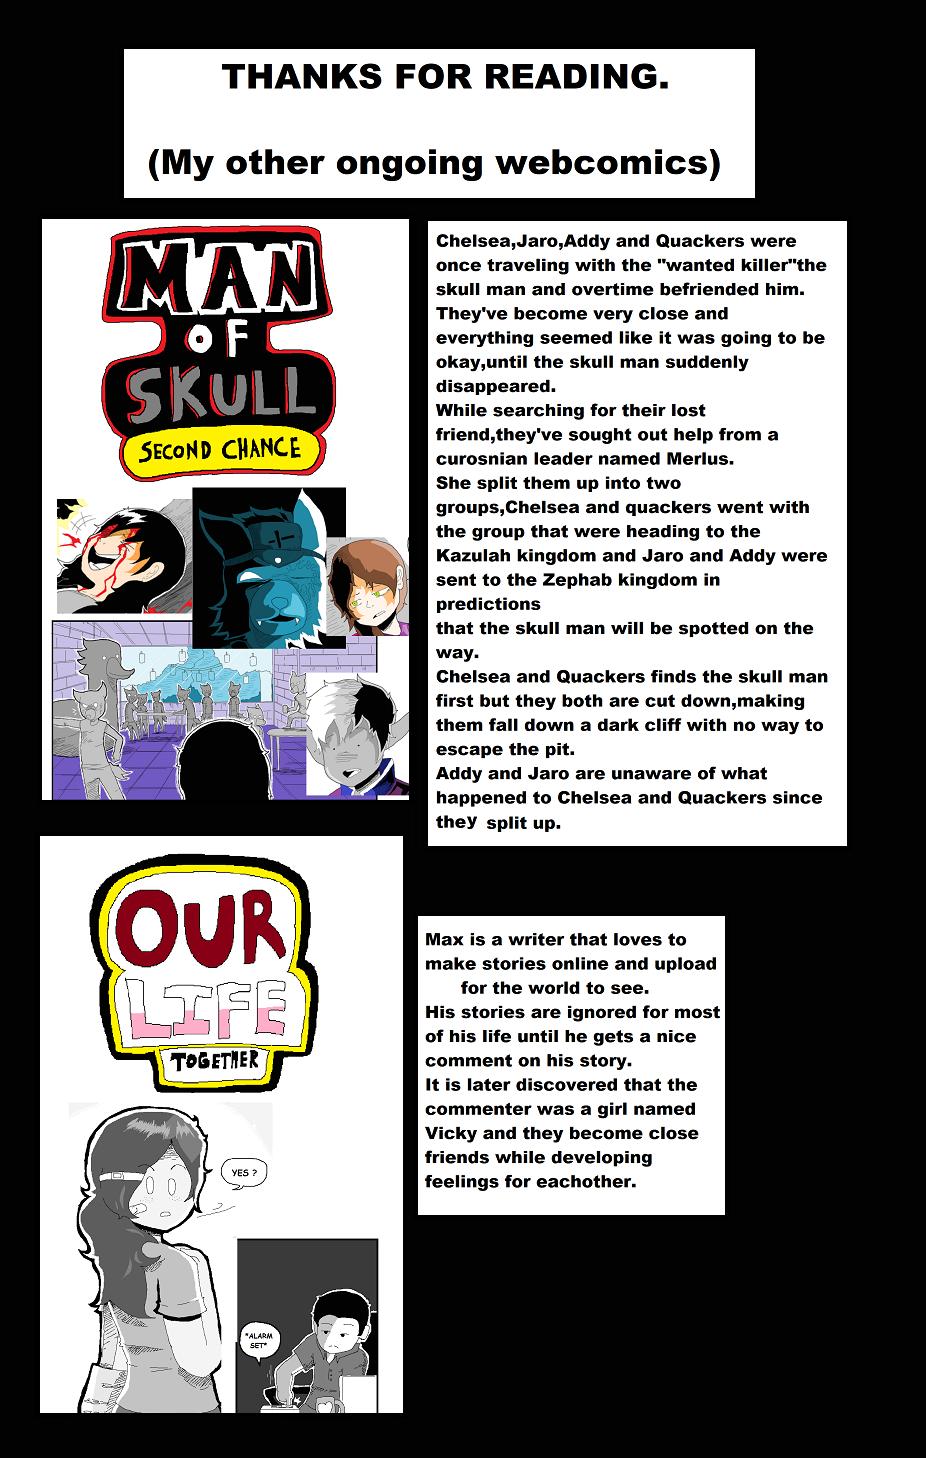 My other webcomics